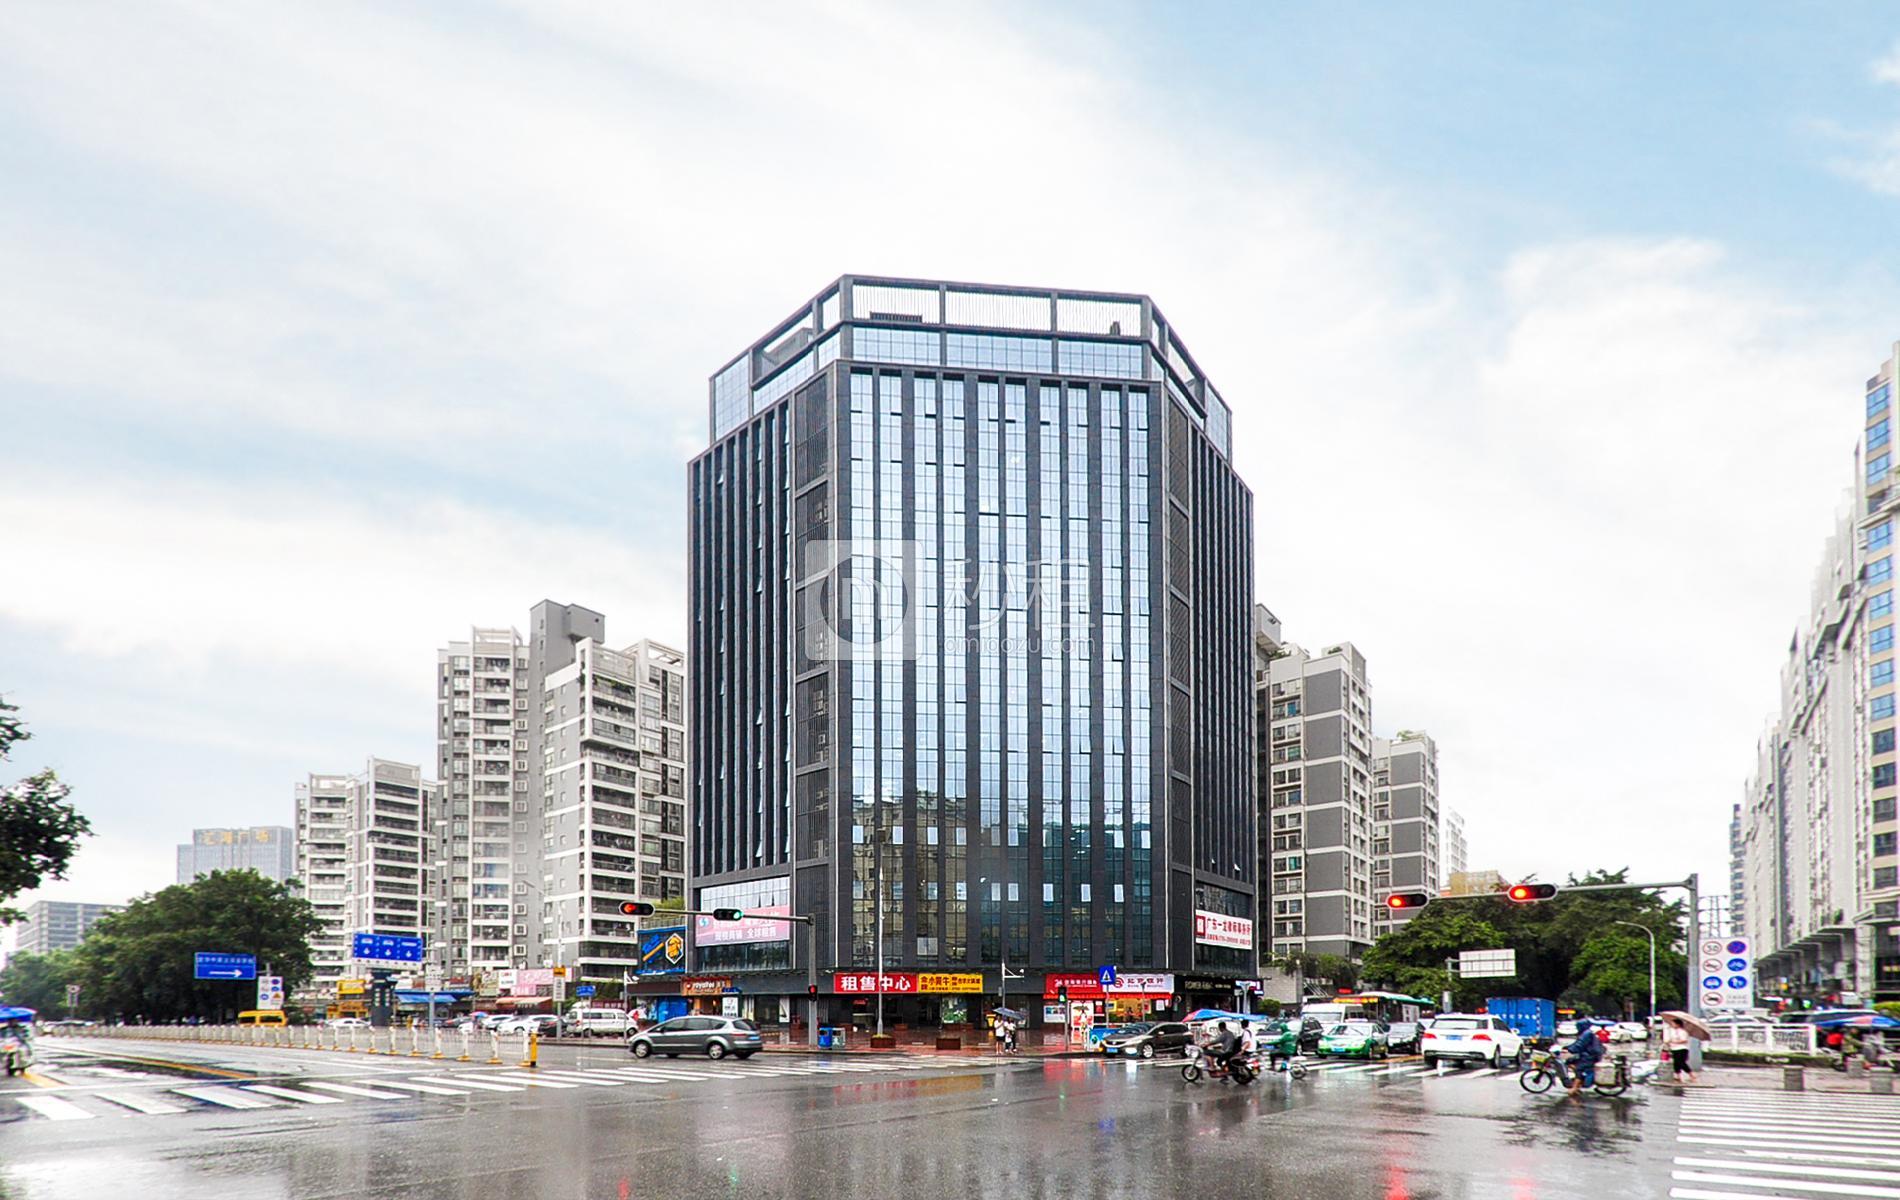 恒和国际大厦写字楼出租/招租/租赁,恒和国际大厦办公室出租/招租/租赁